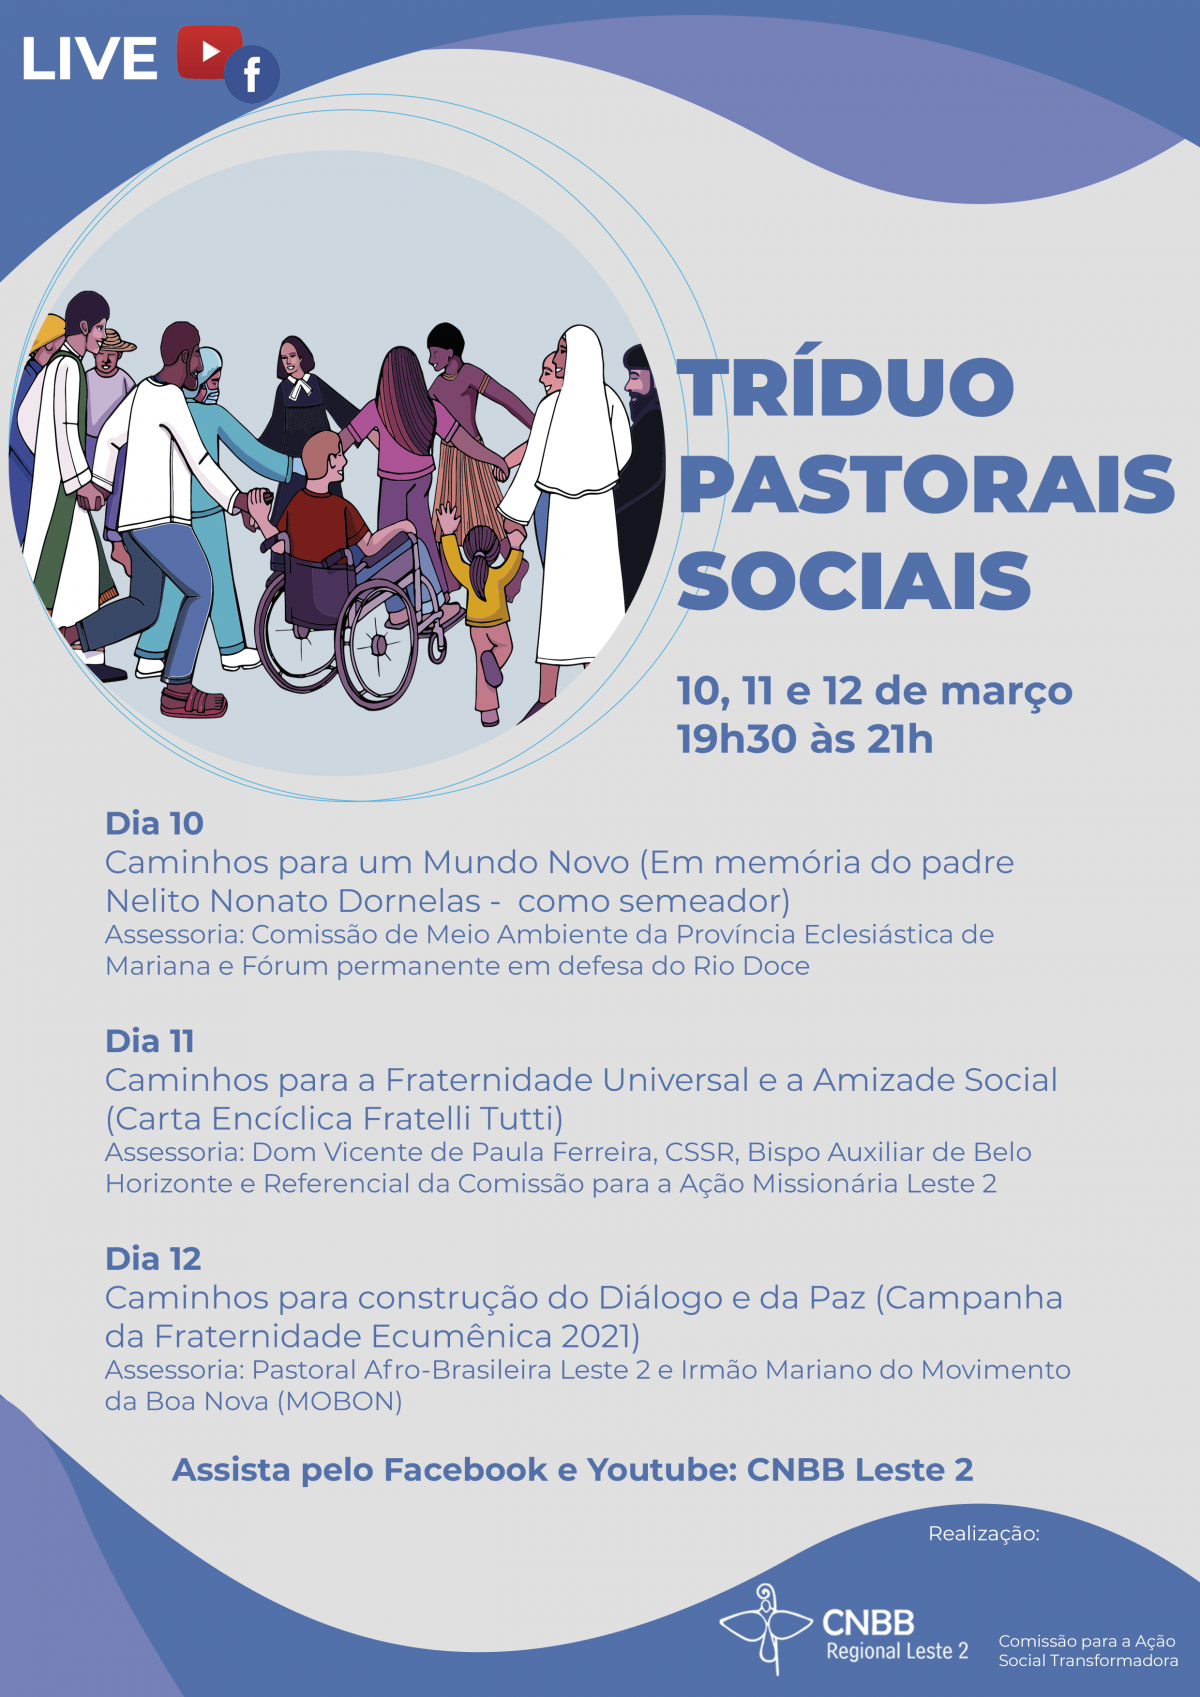 Live Pastorais Sociais